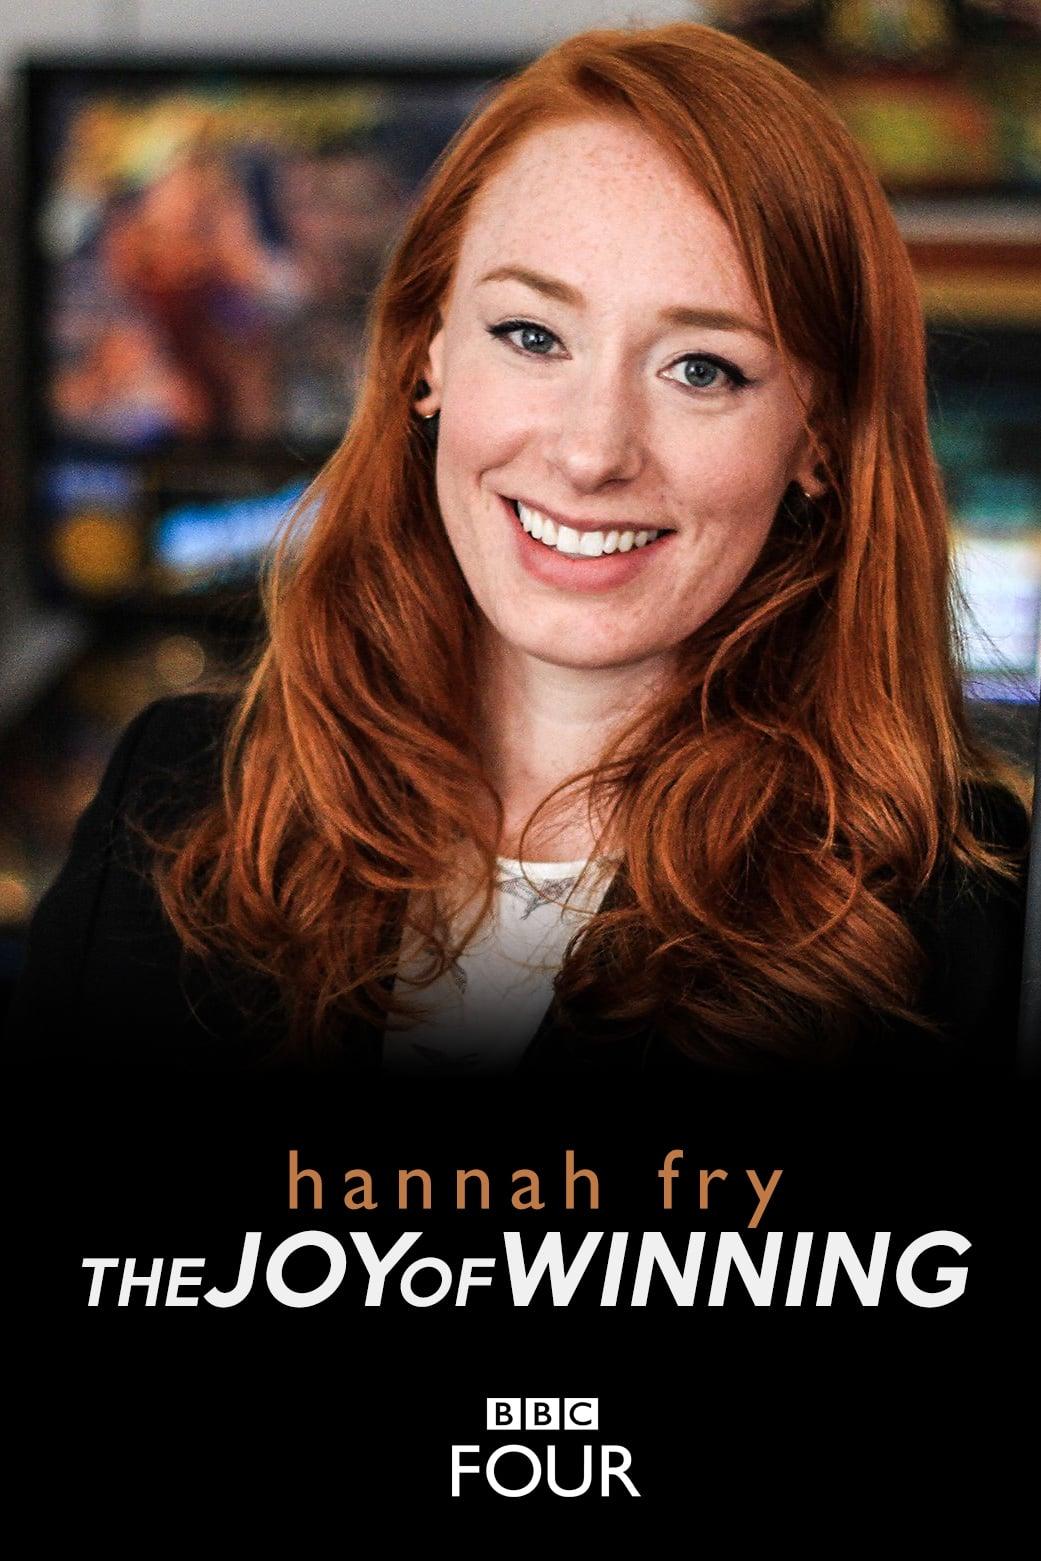 The Joy of Winning (2018)